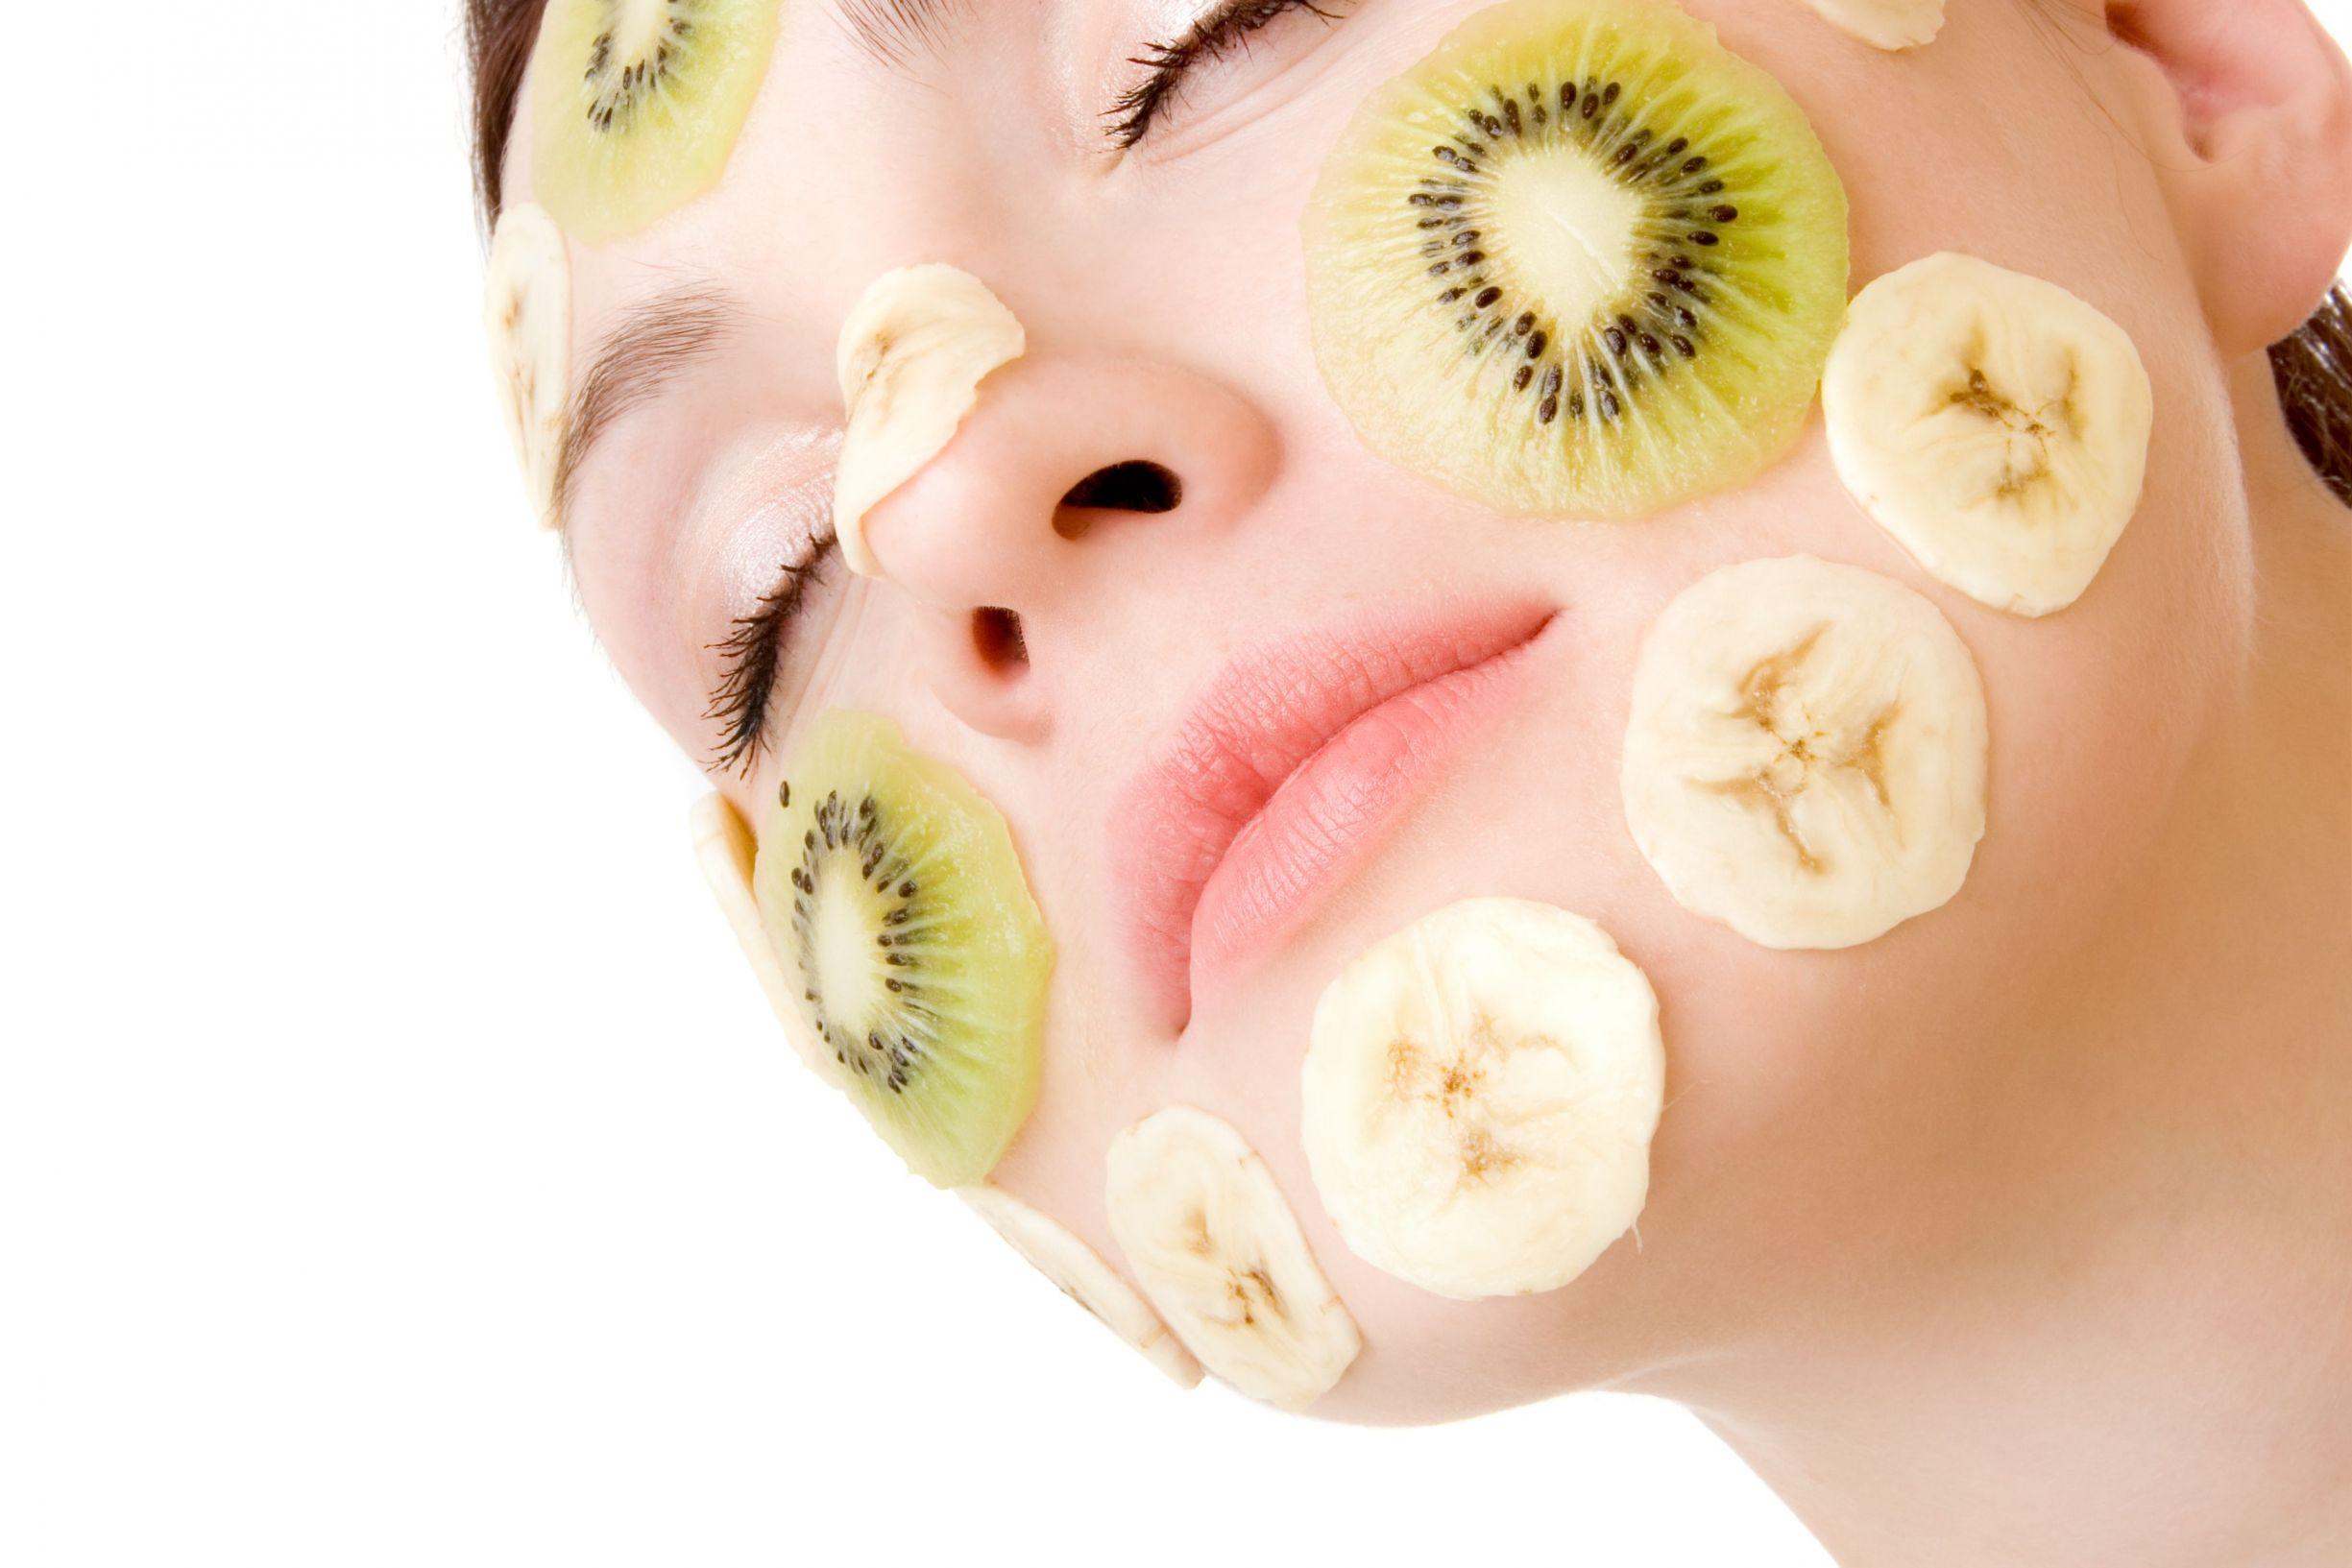 Facial Fruit Mask